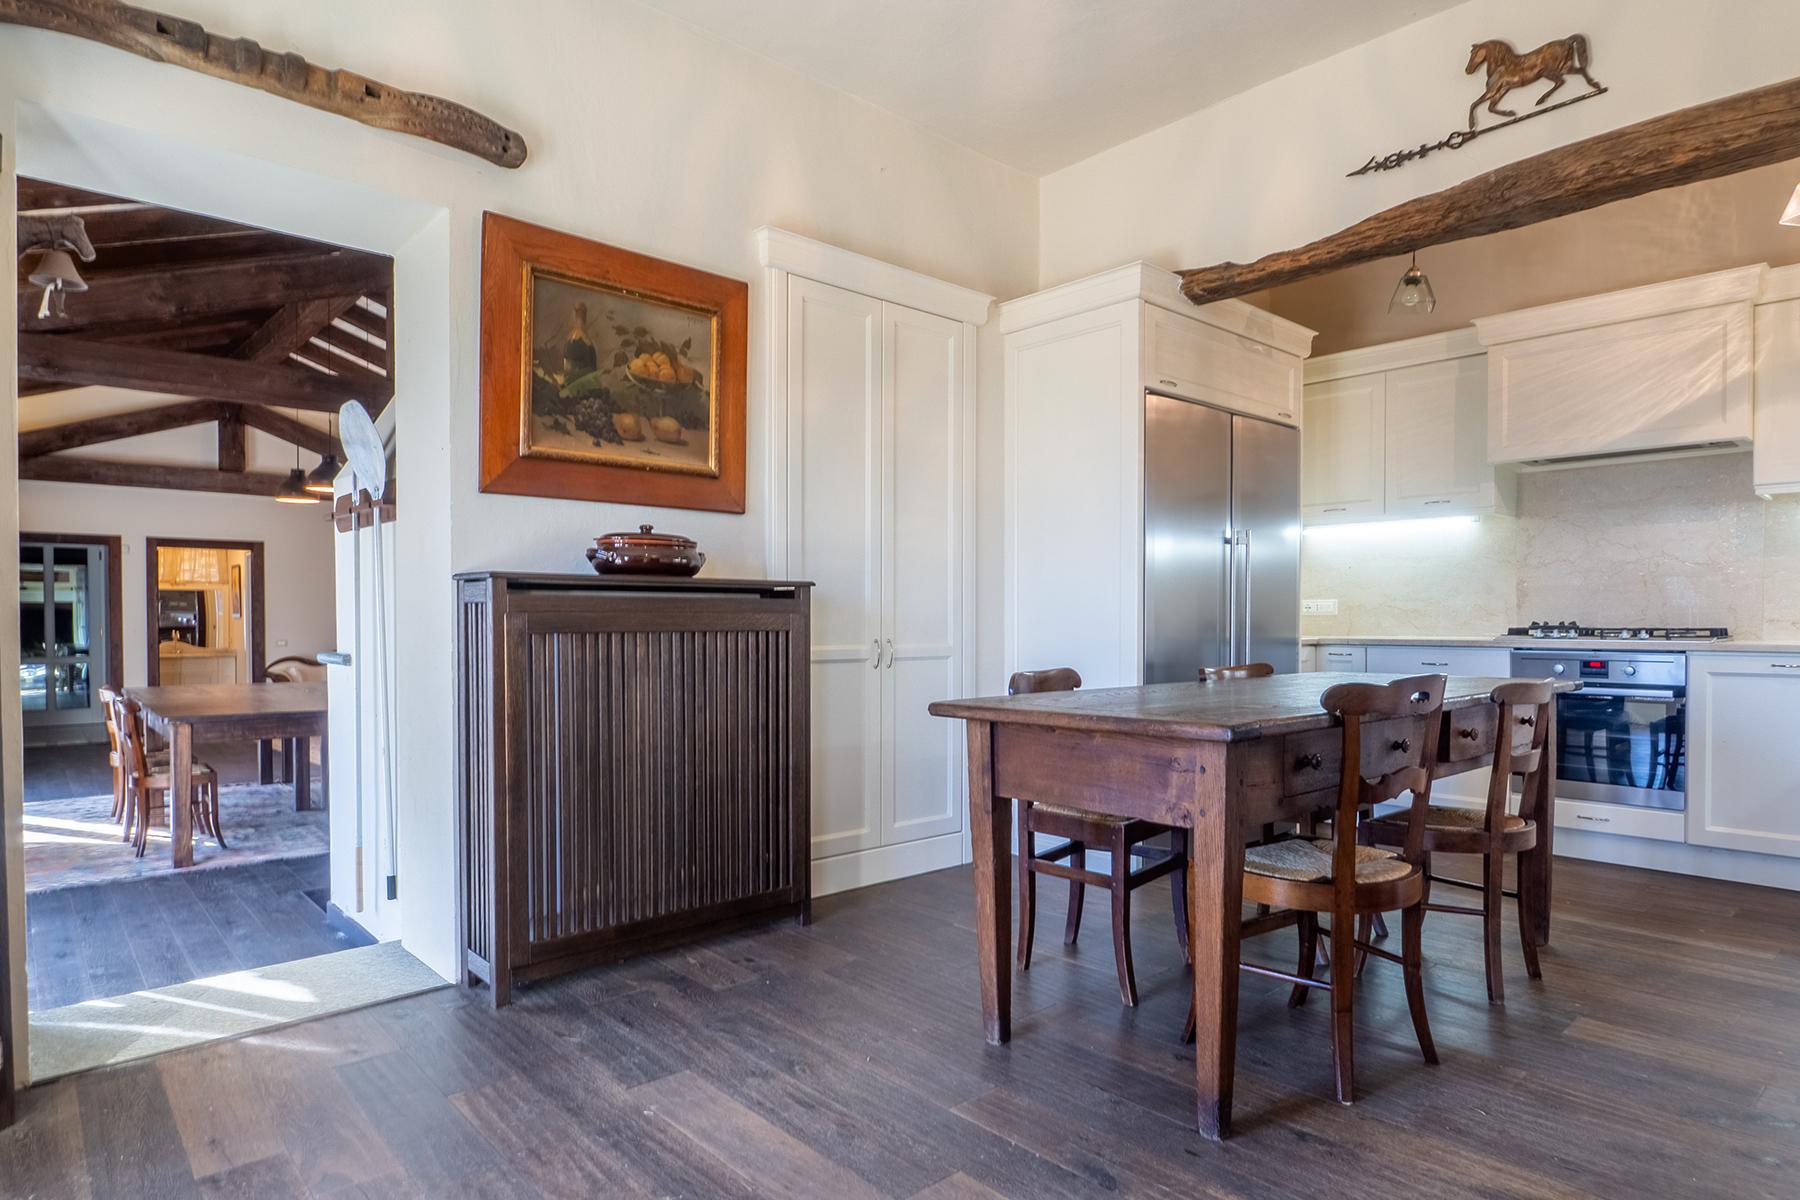 Villa in Vendita a Pettinengo: 5 locali, 412 mq - Foto 8